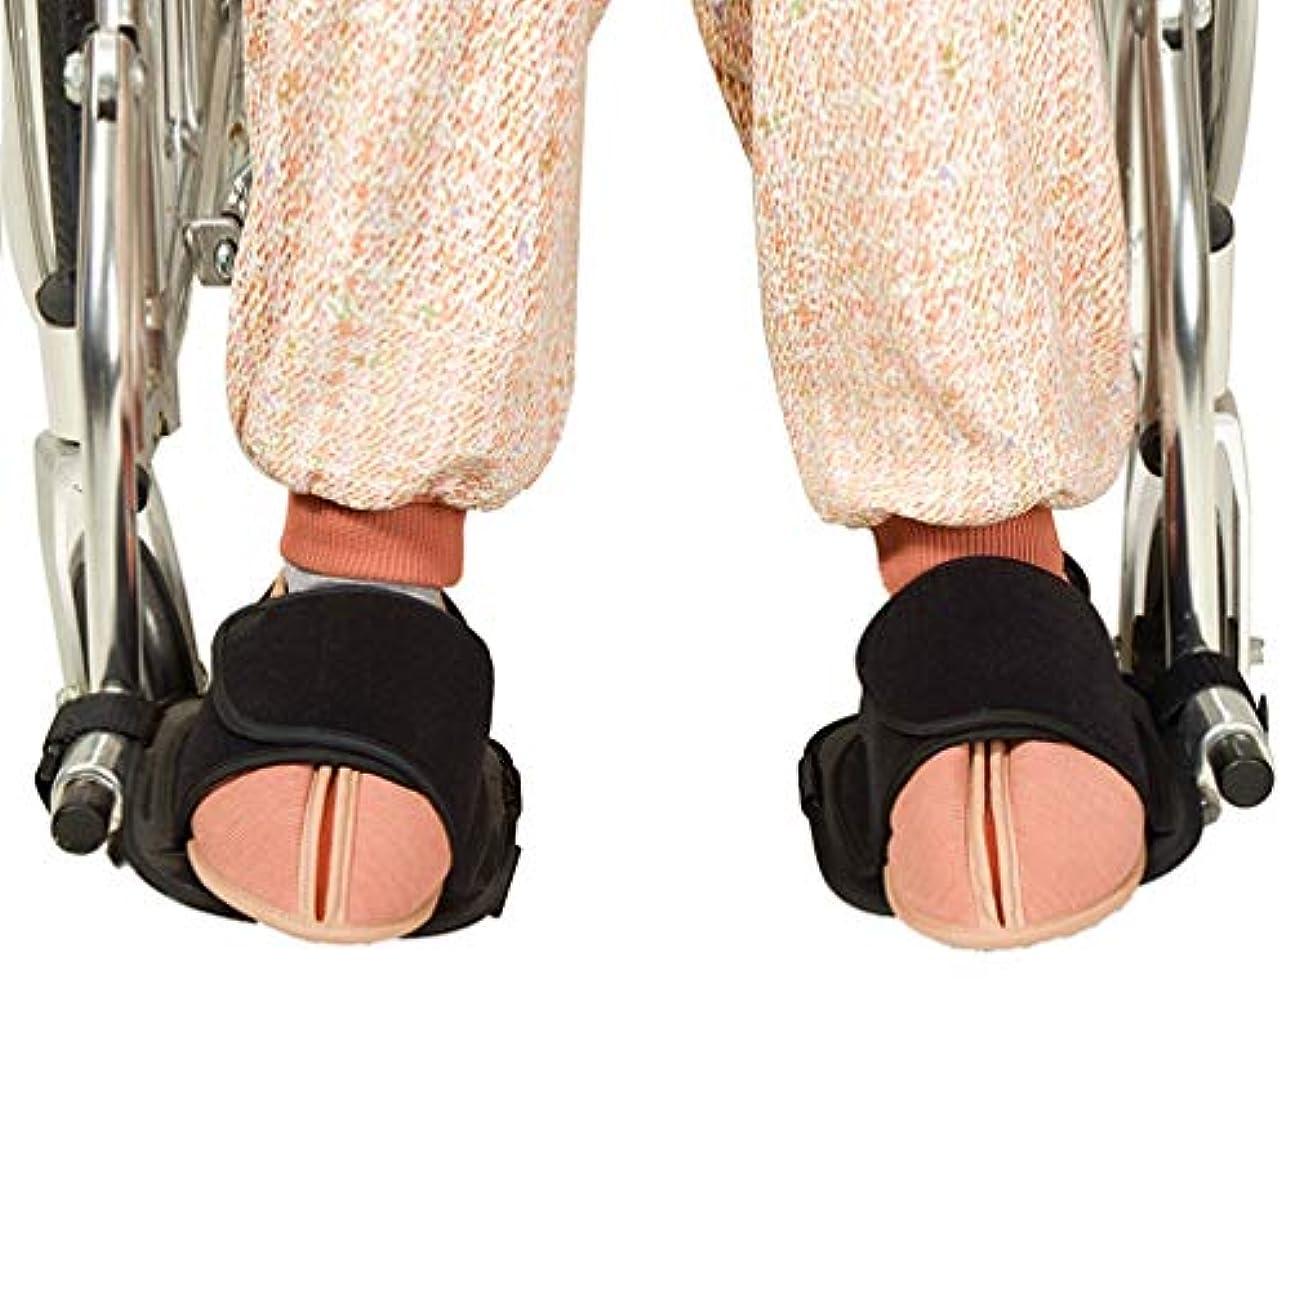 合併承認指定する車いす安全拘束靴 - メディカルフット滑り止めの試験官を - - 車椅子ペダルフット休符男性女性から滑り落ちるの足をキープ高齢患者ハンディキャップのために回復